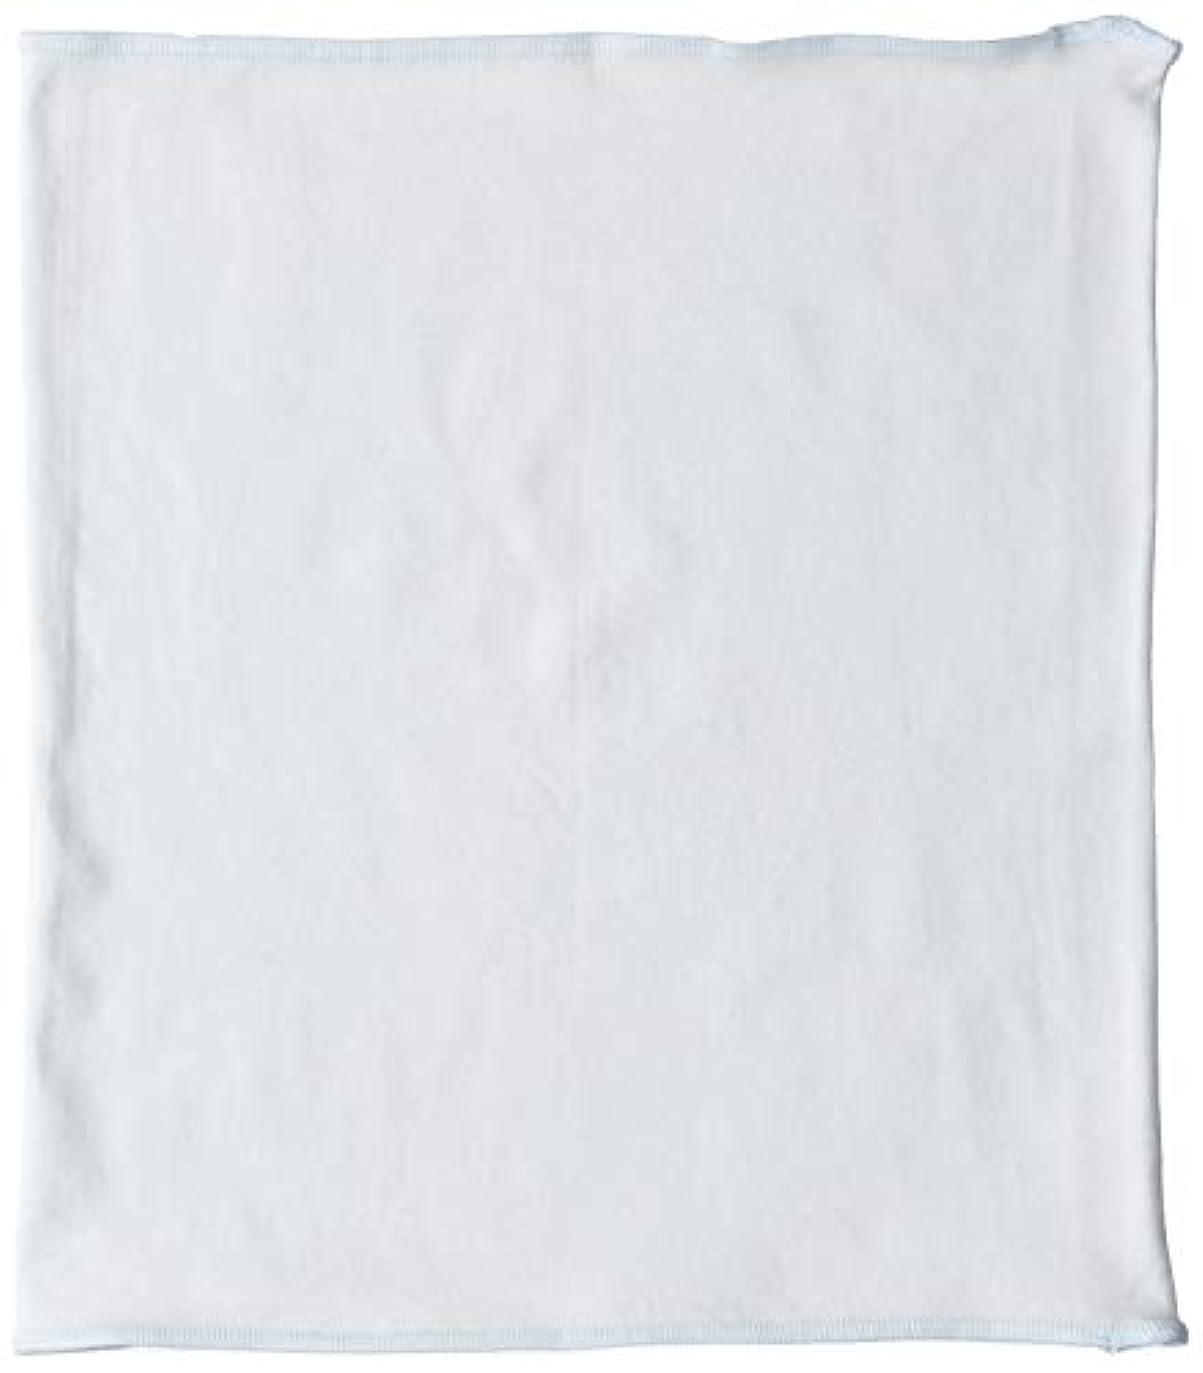 してはいけないビリー誤解を招く[アツギ] 腹巻 はらまき 着る温活 シルク入り 30cm丈 日本製 ボディウォーマー 7000AS レディース